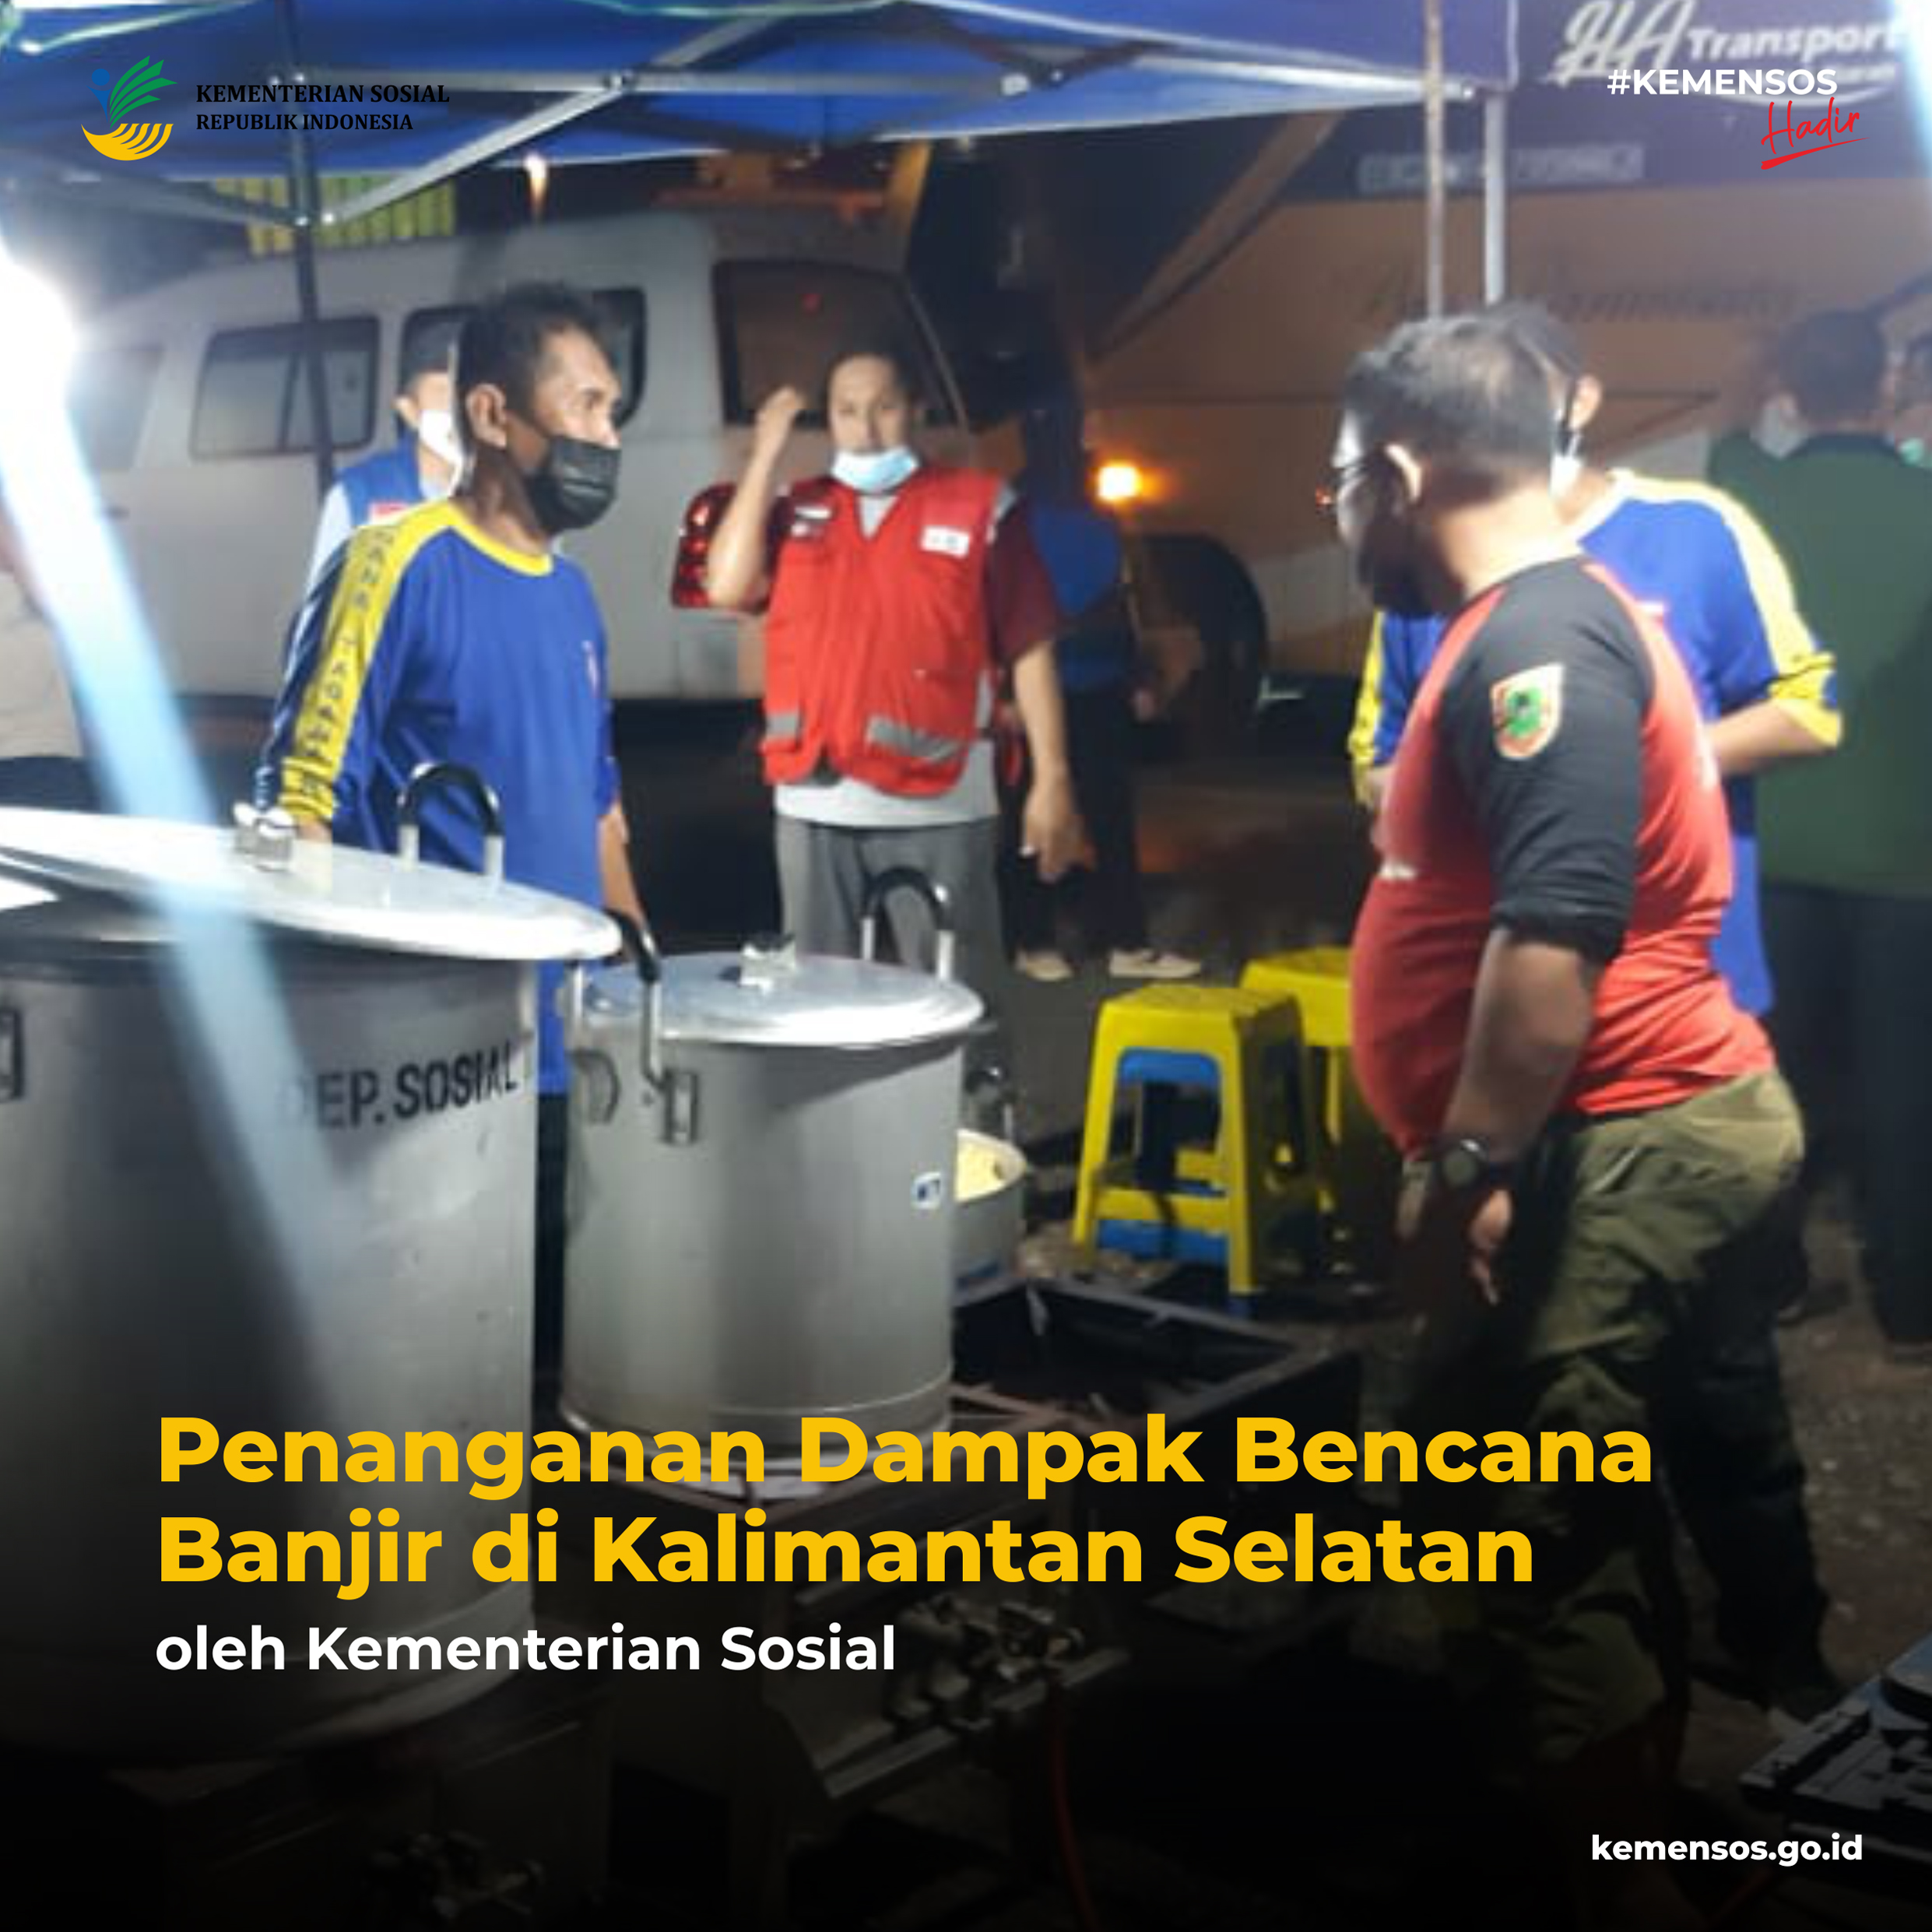 Penanganan Dampak Bencana Banjir di Kalimantan Selatan